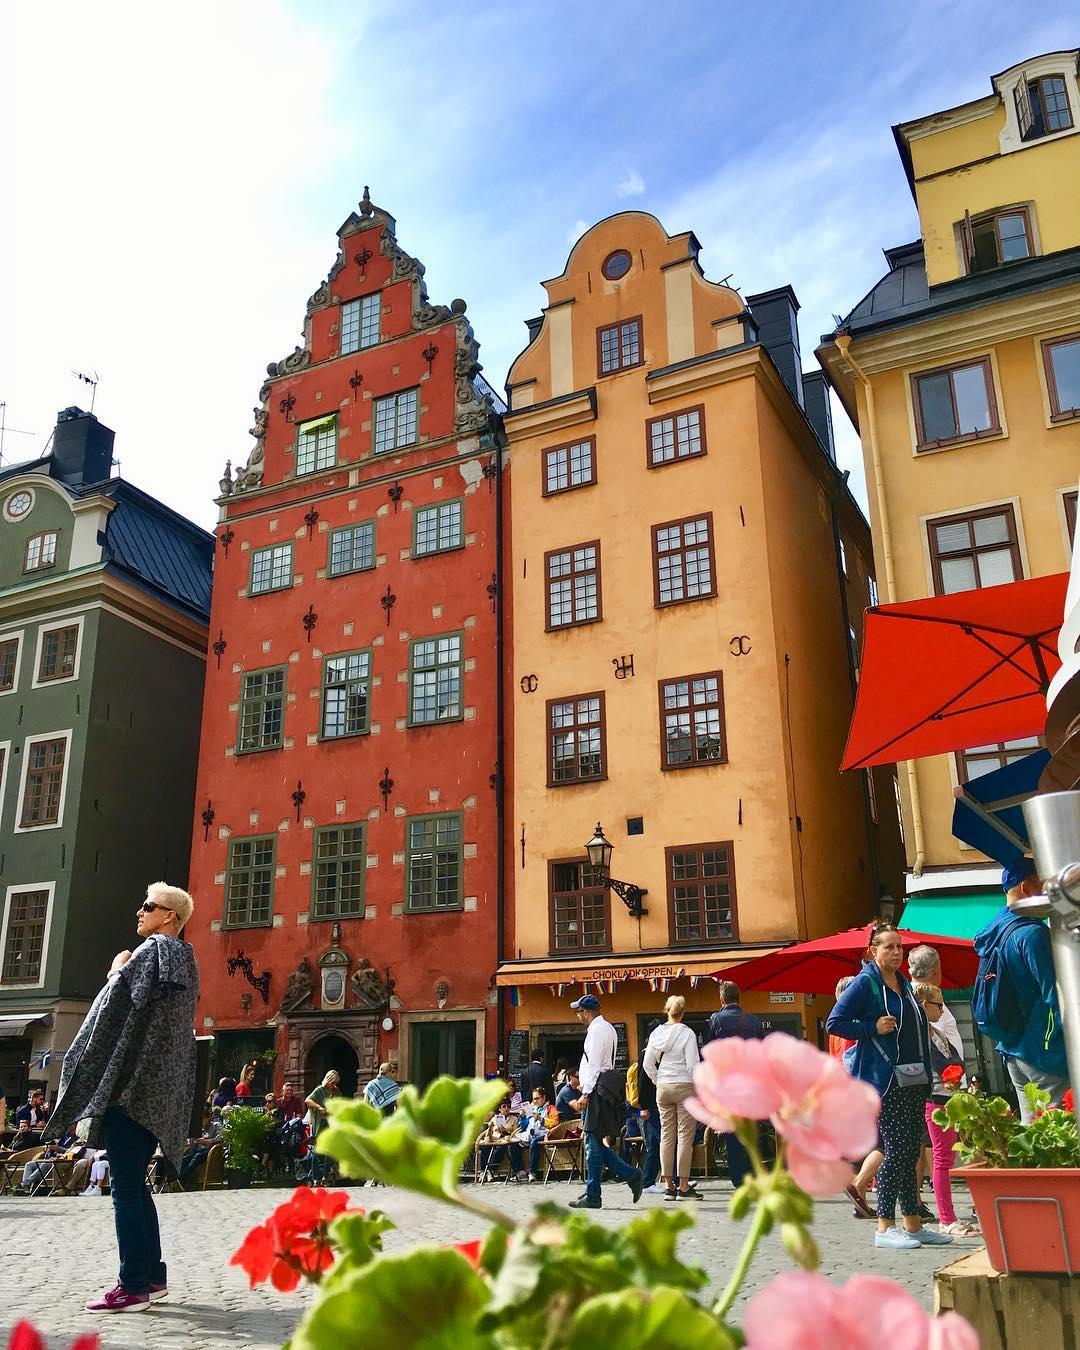 8 Tempat Terkeren Di Eropa Yang Wajib Dikunjungi Setidaknya Sekali Seumur Hidup